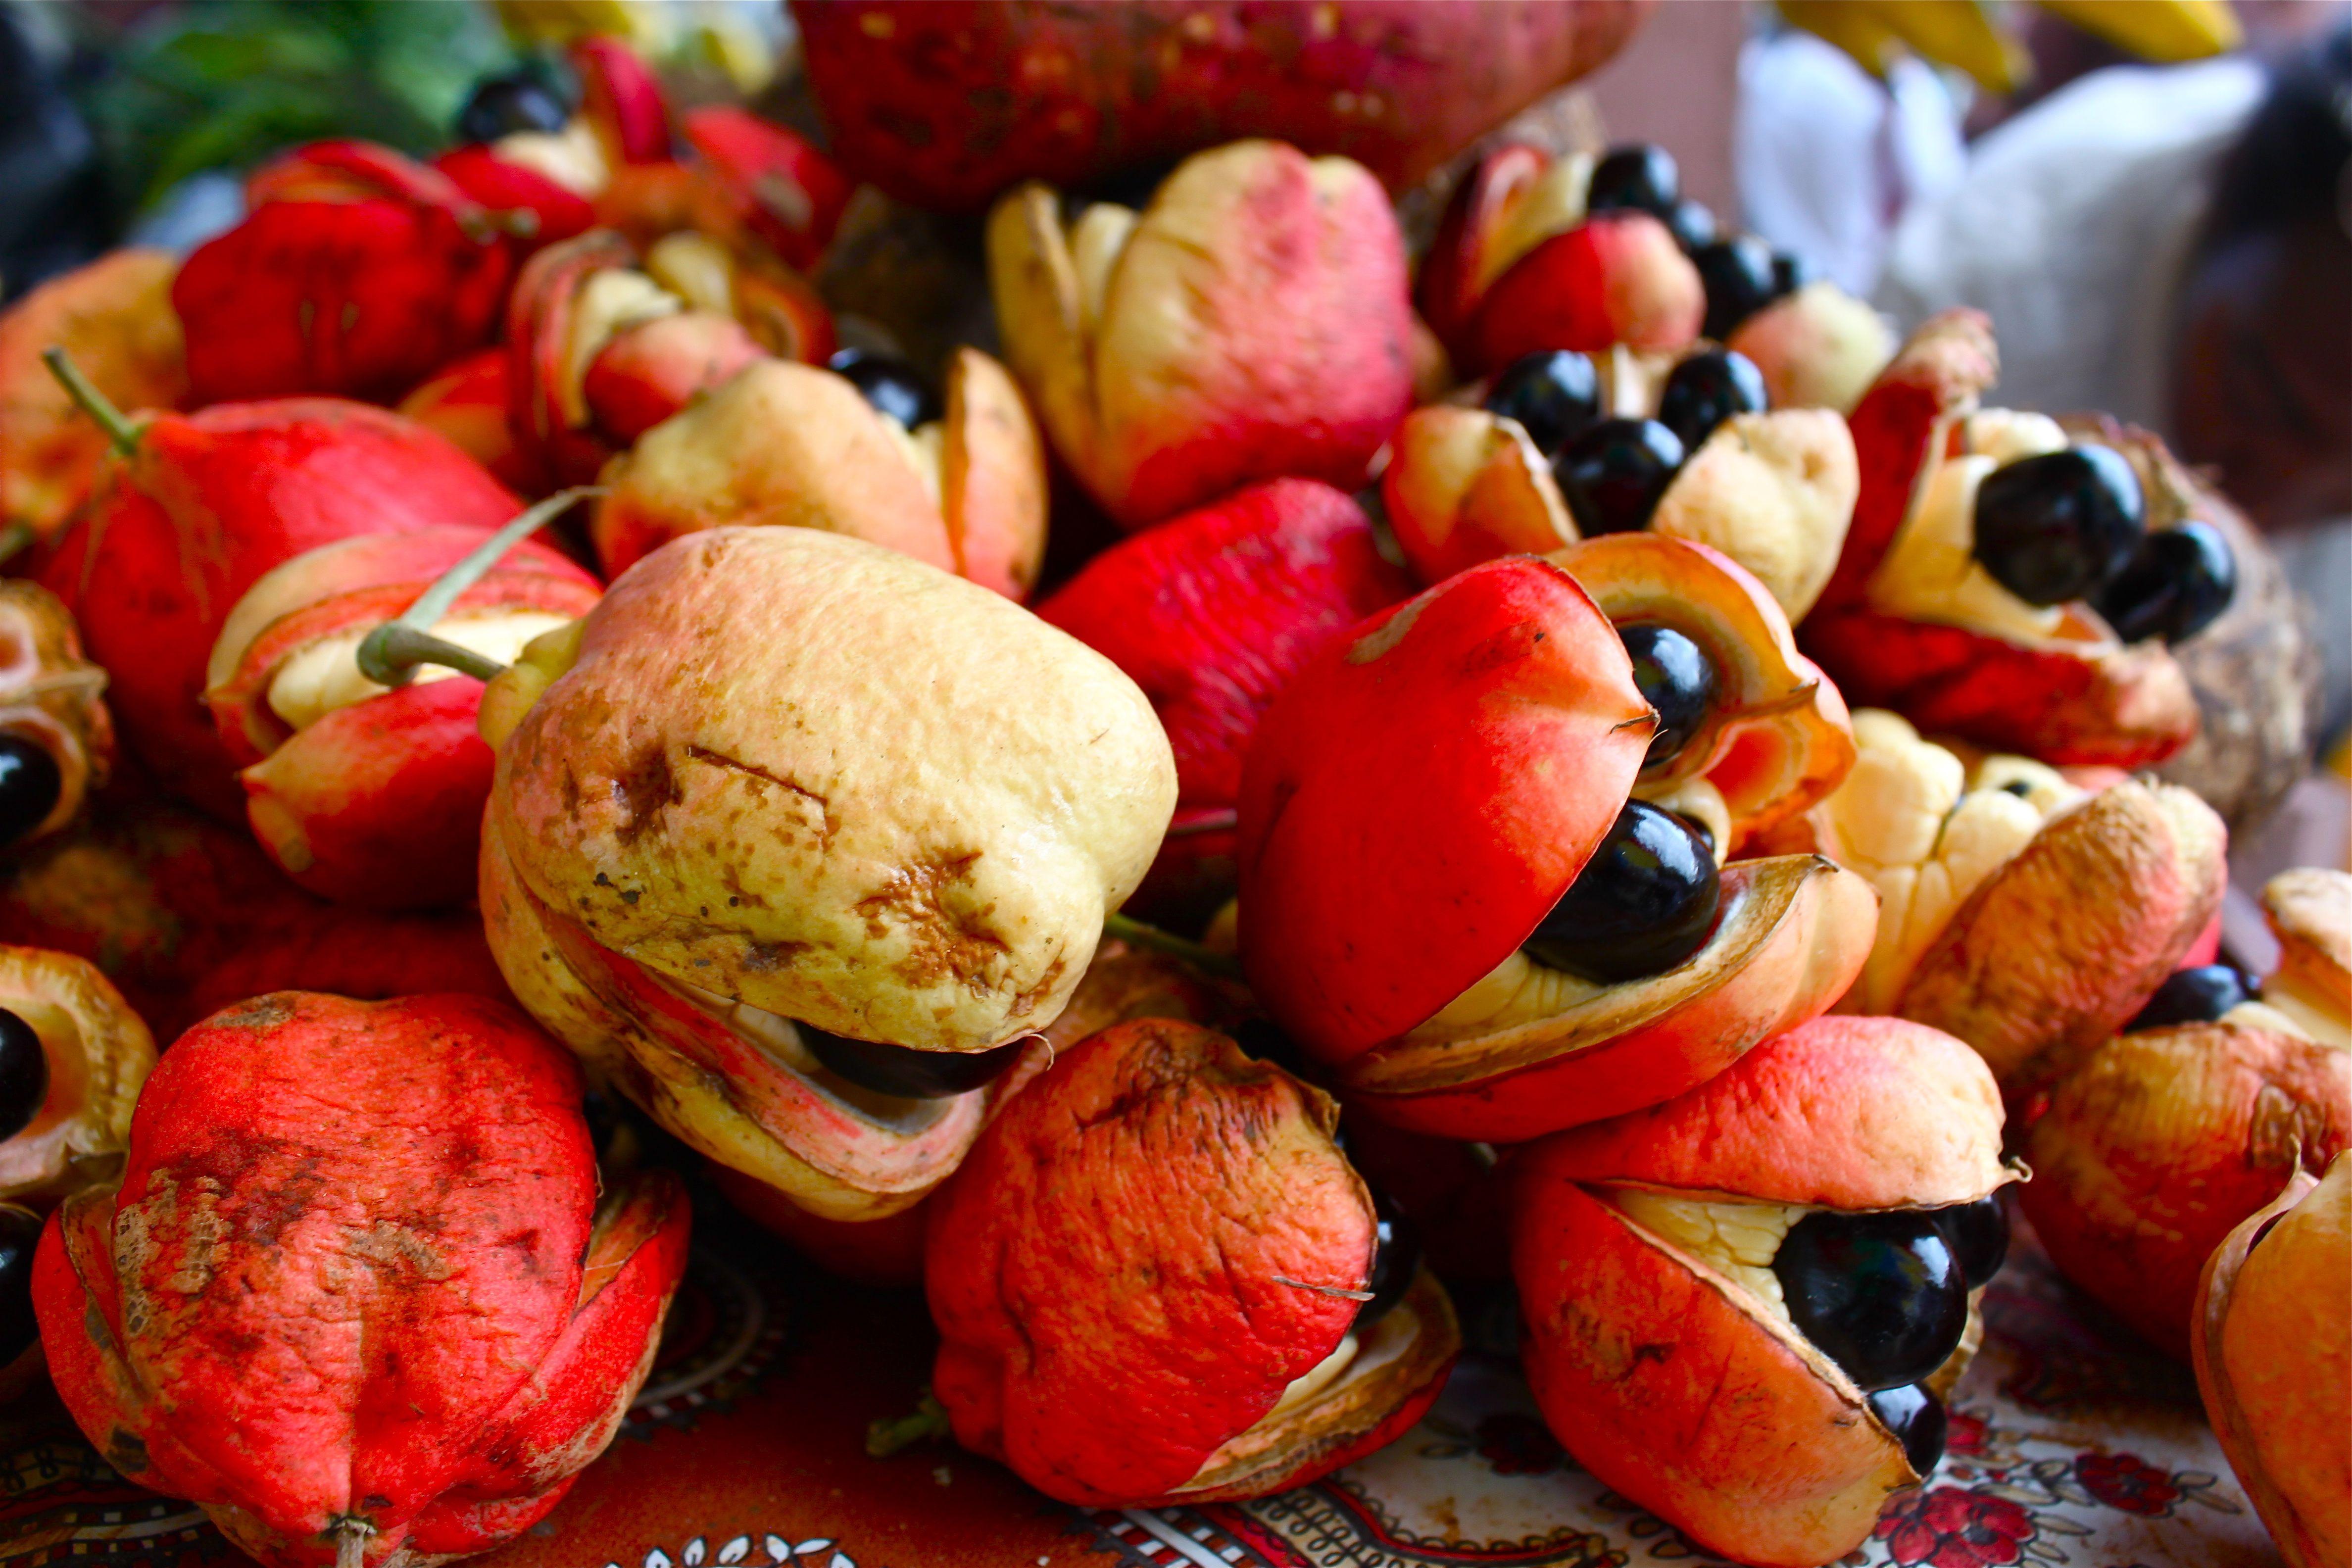 Las frutas ex ticas m s apetecibles espa a exotics fruits frutas ex ticas - Frutas tropicales y exoticas ...